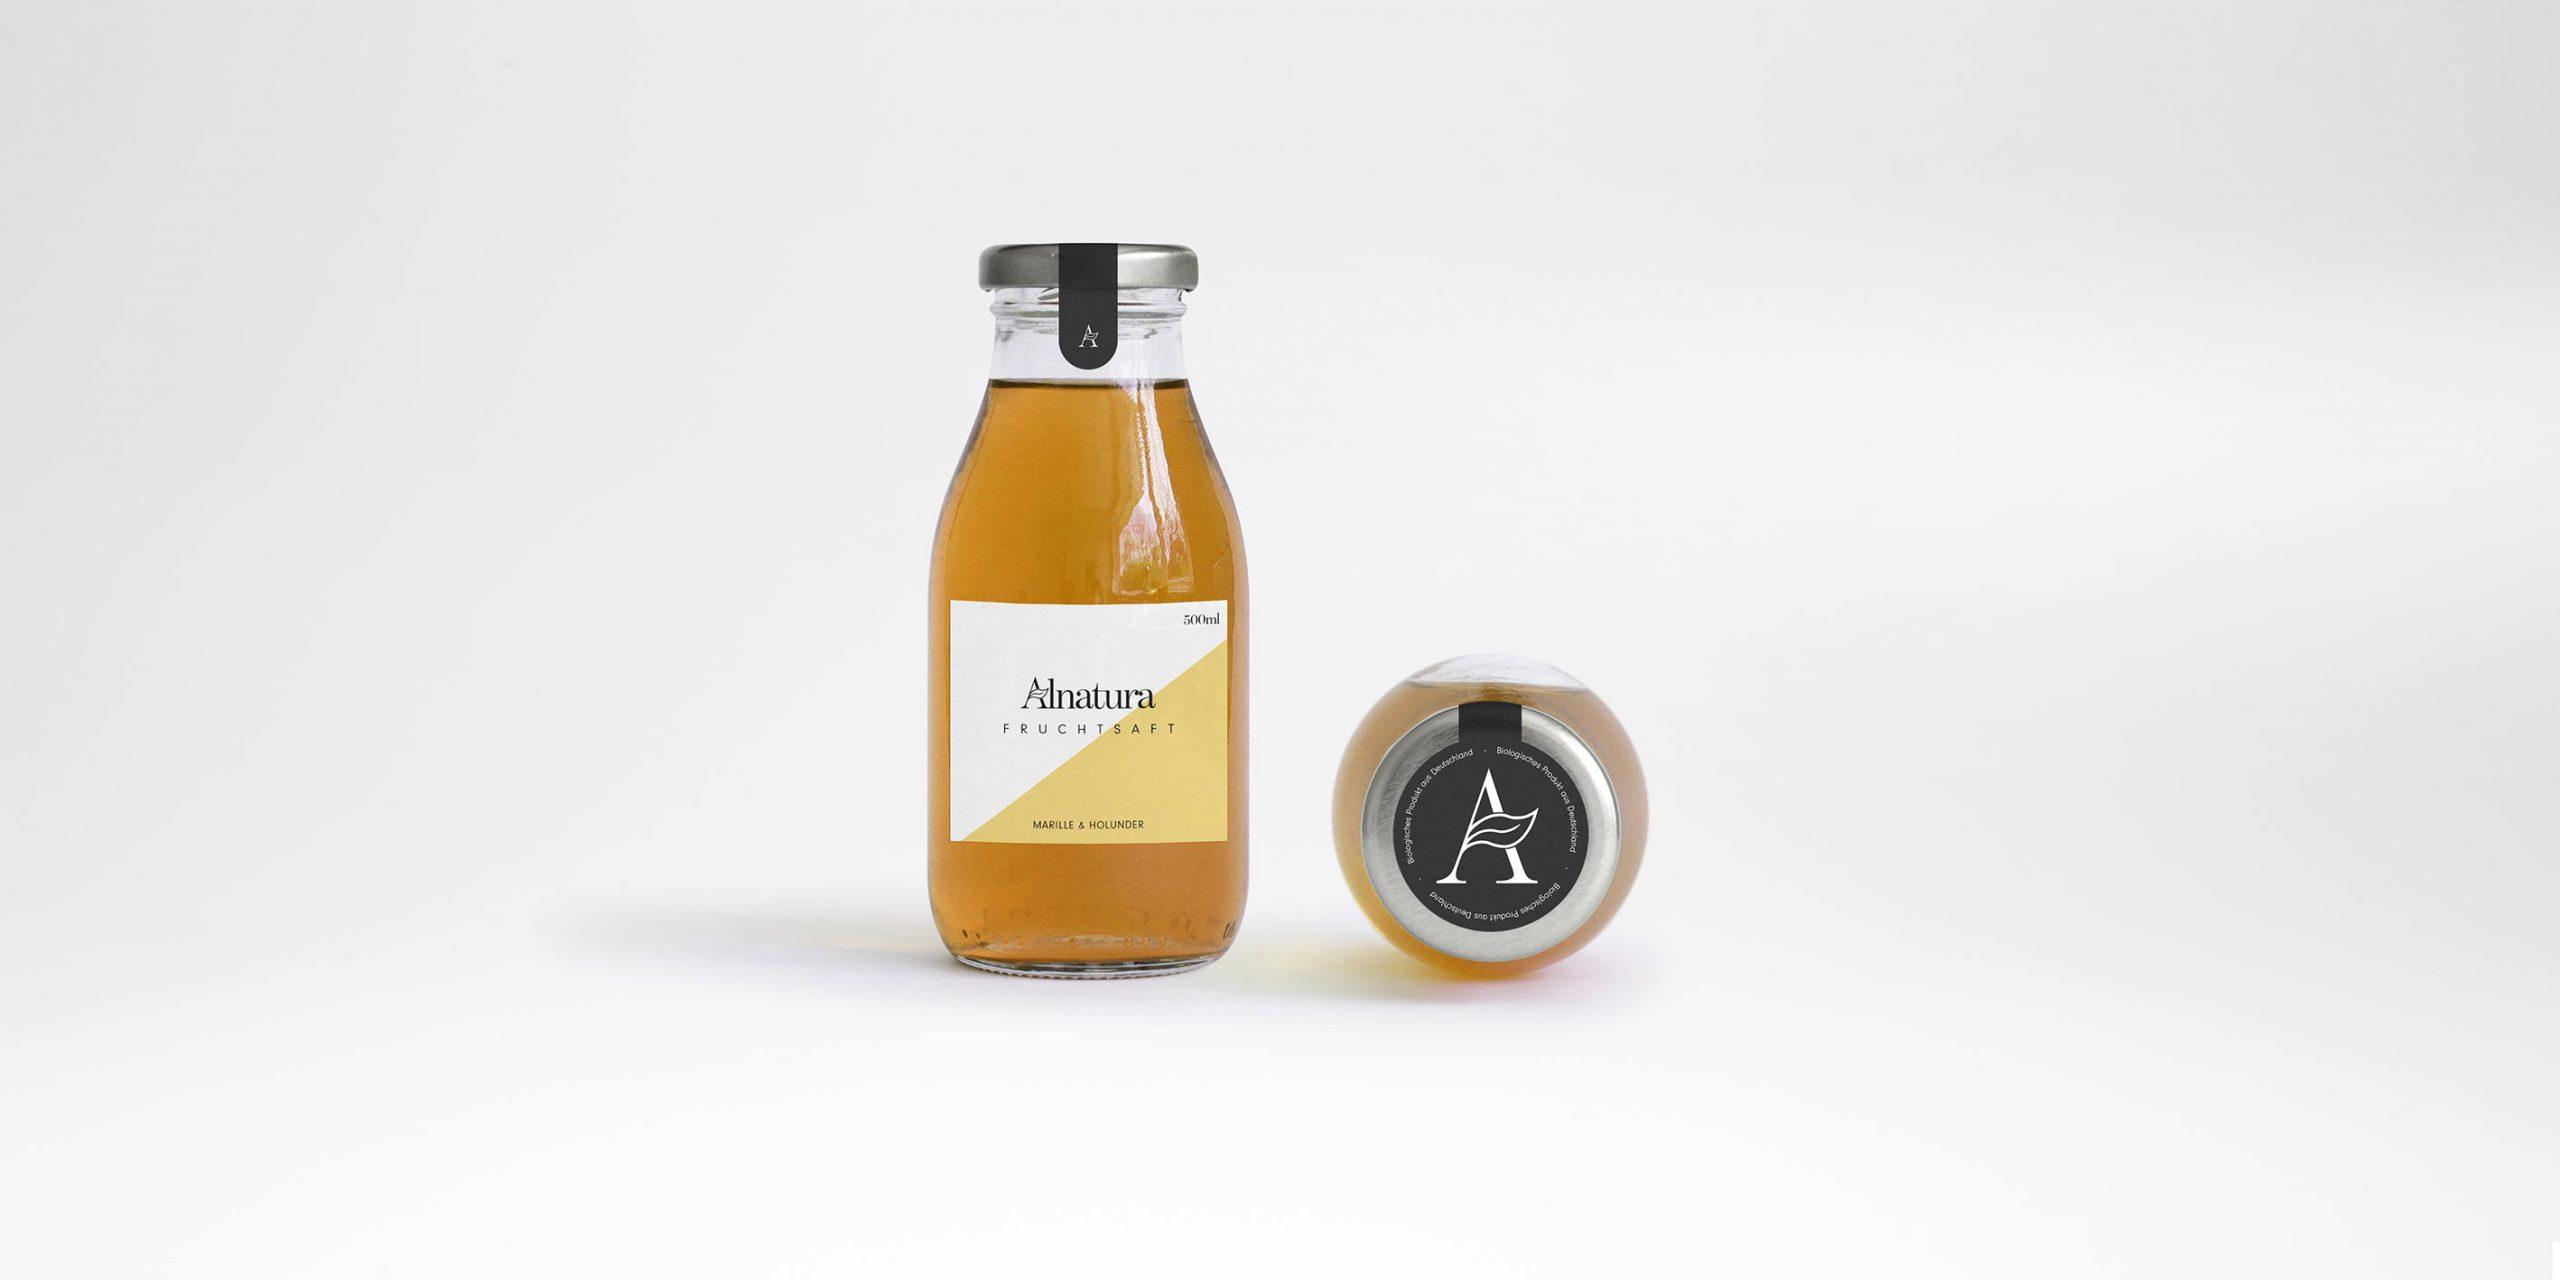 alnatura_packaging_02